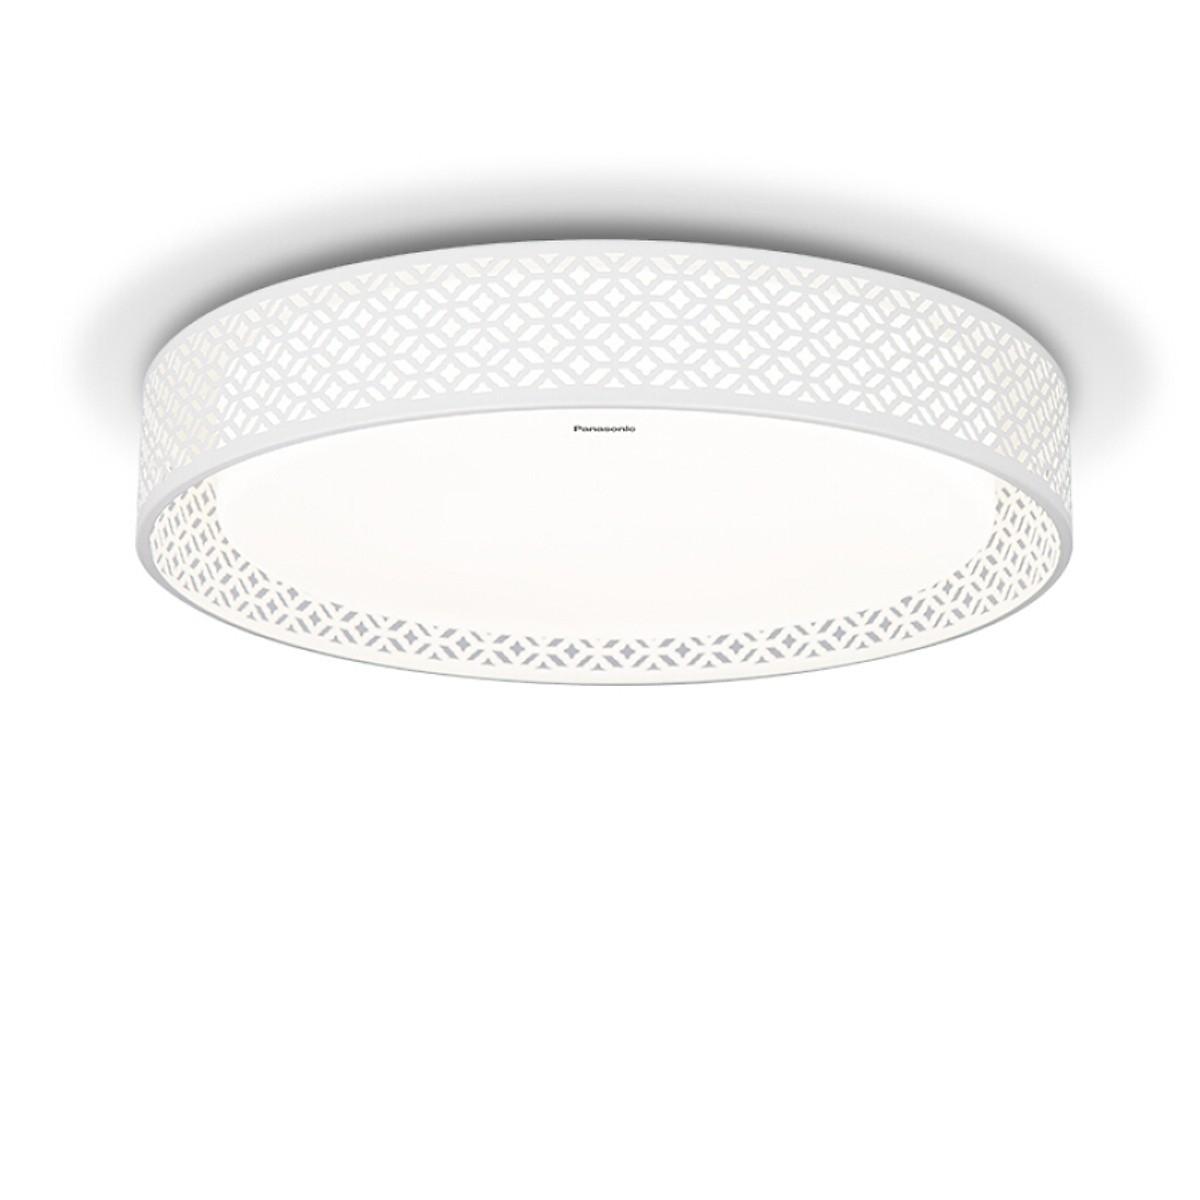 Đèn LED Treo Trần Panasonic HHXZ3002 36W